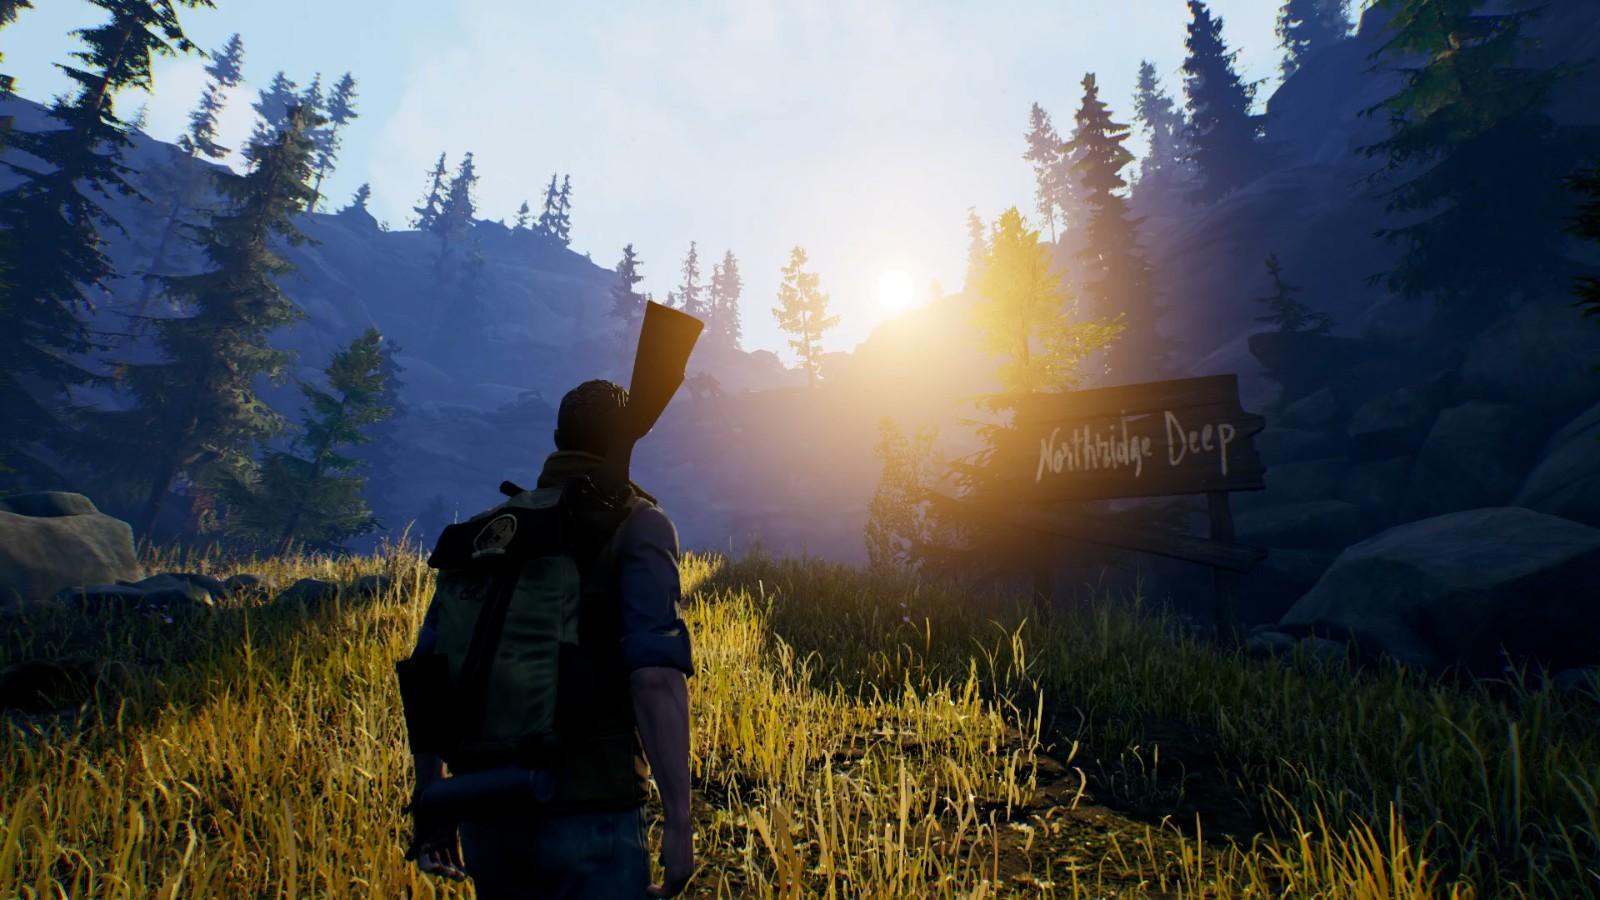 开放世界狩猎生存游戏《辽阔旷野》5月19日发售